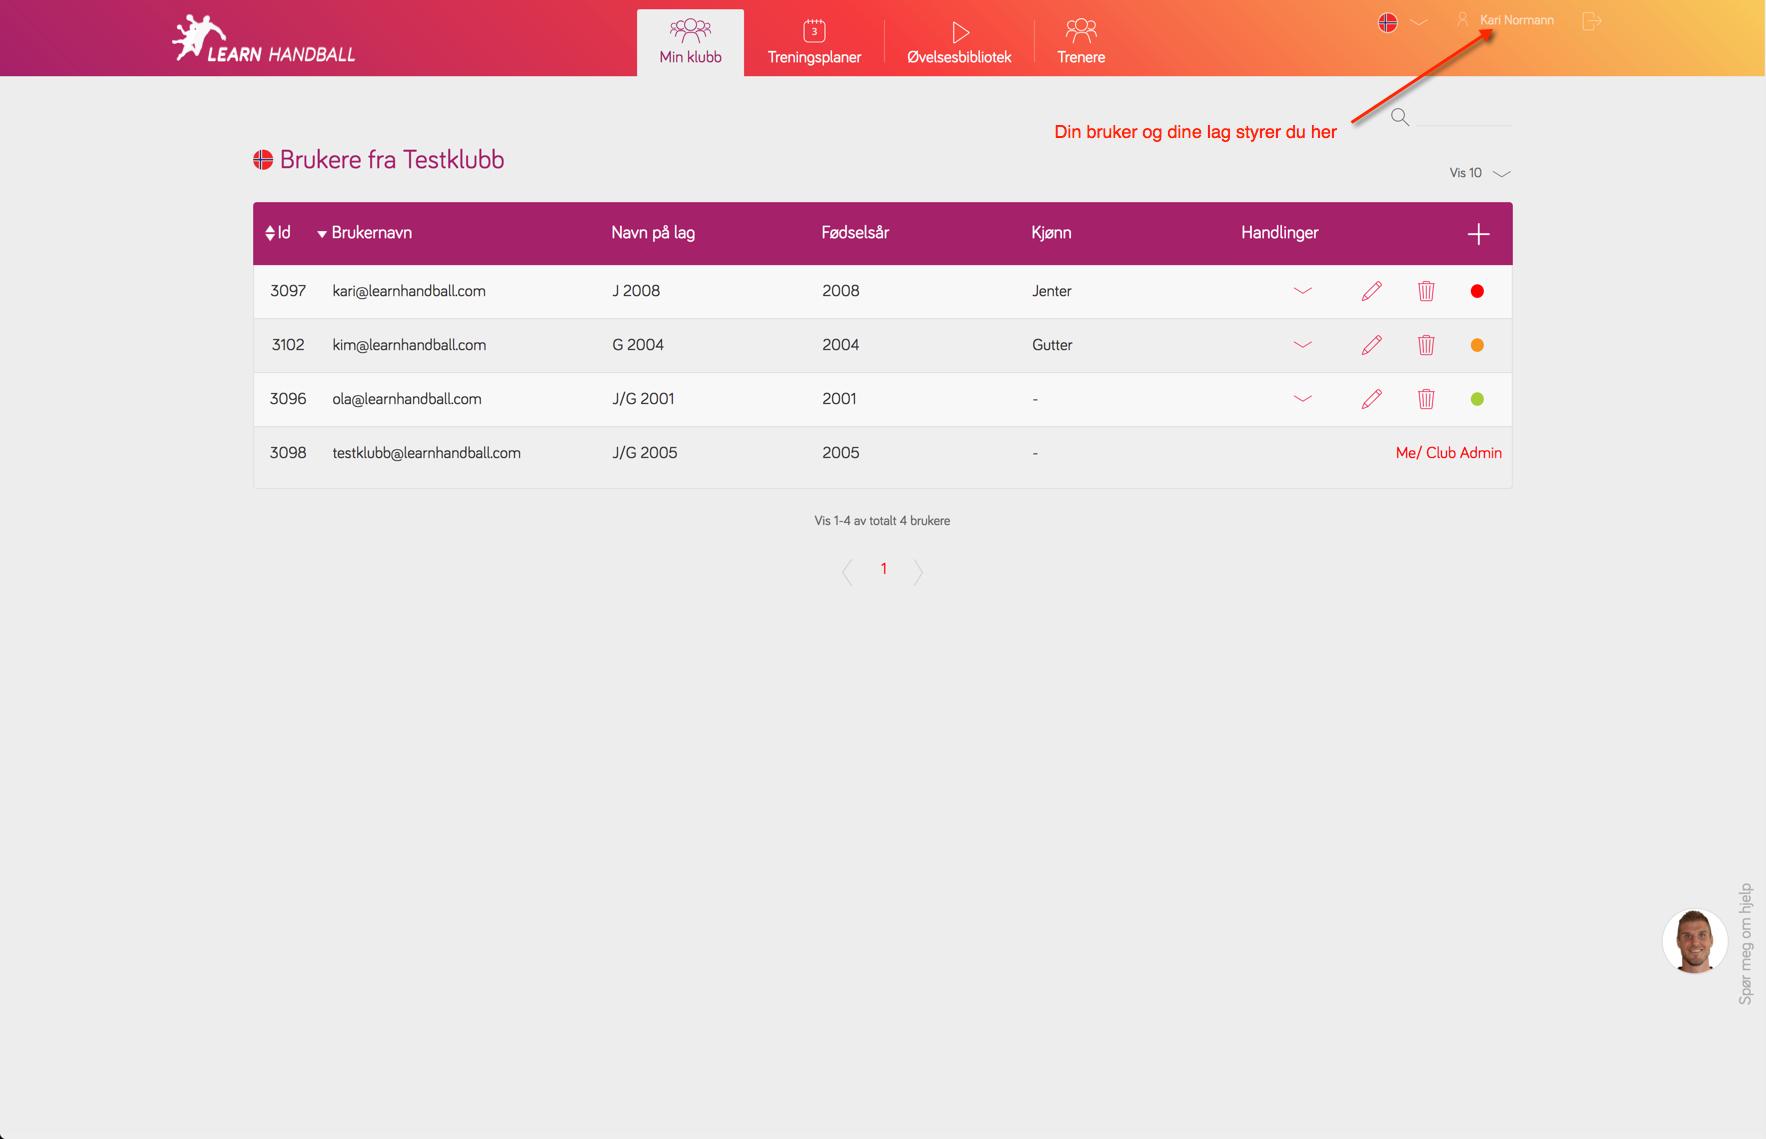 Innstillinger for klubbadministrator | Learn Handball